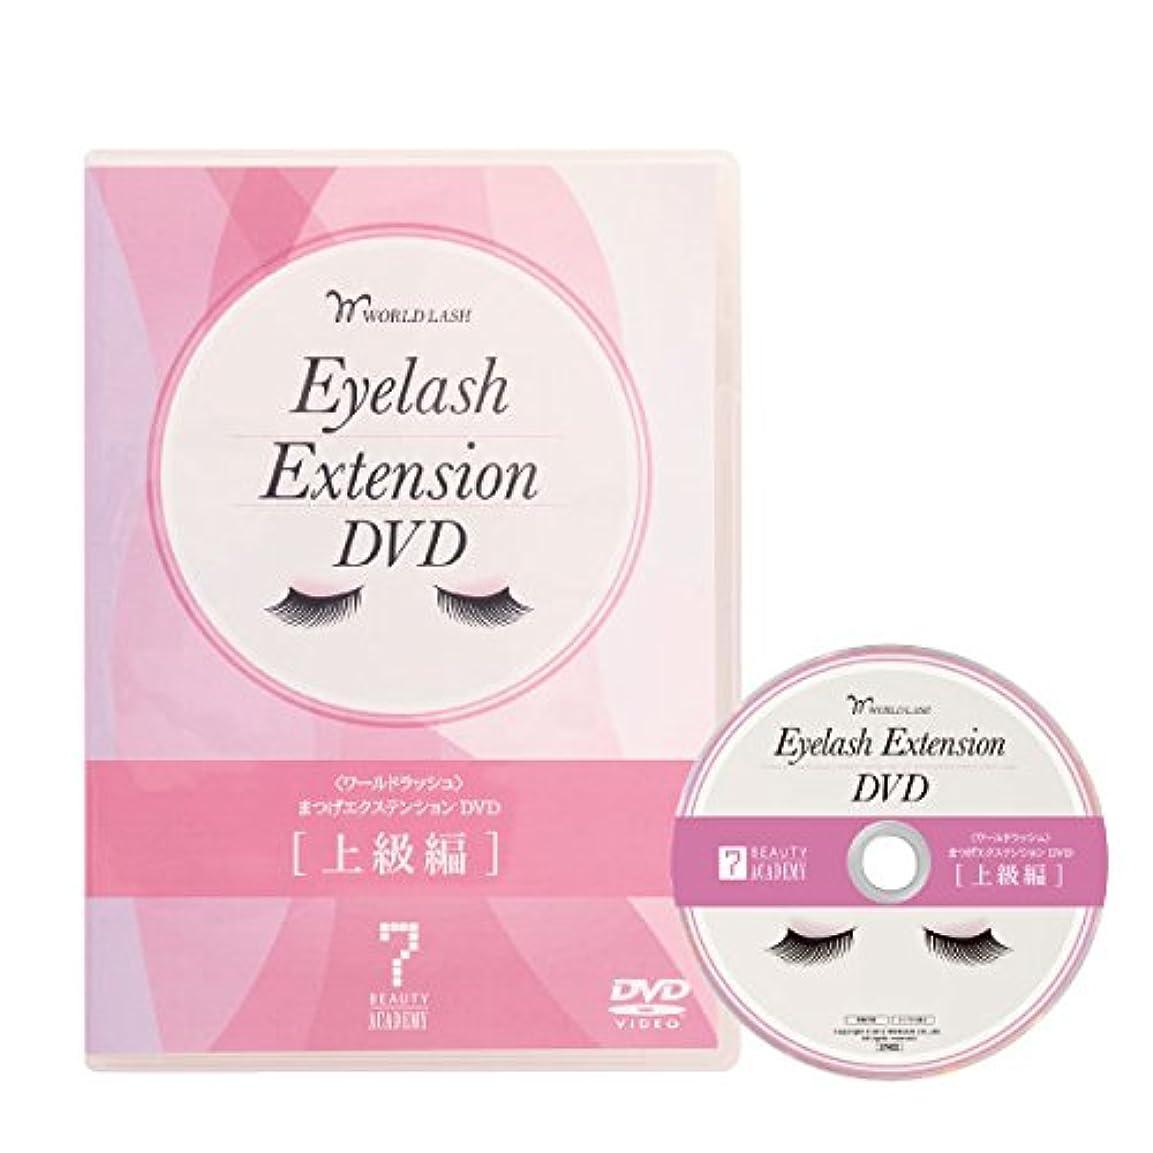 吹きさらし確保する技術者< WORLD LASH > まつげエクステンション DVD (上級編) [ 教材 テキスト DVD まつげエクステ まつ毛エクステ まつエク マツエク サロン用 ]